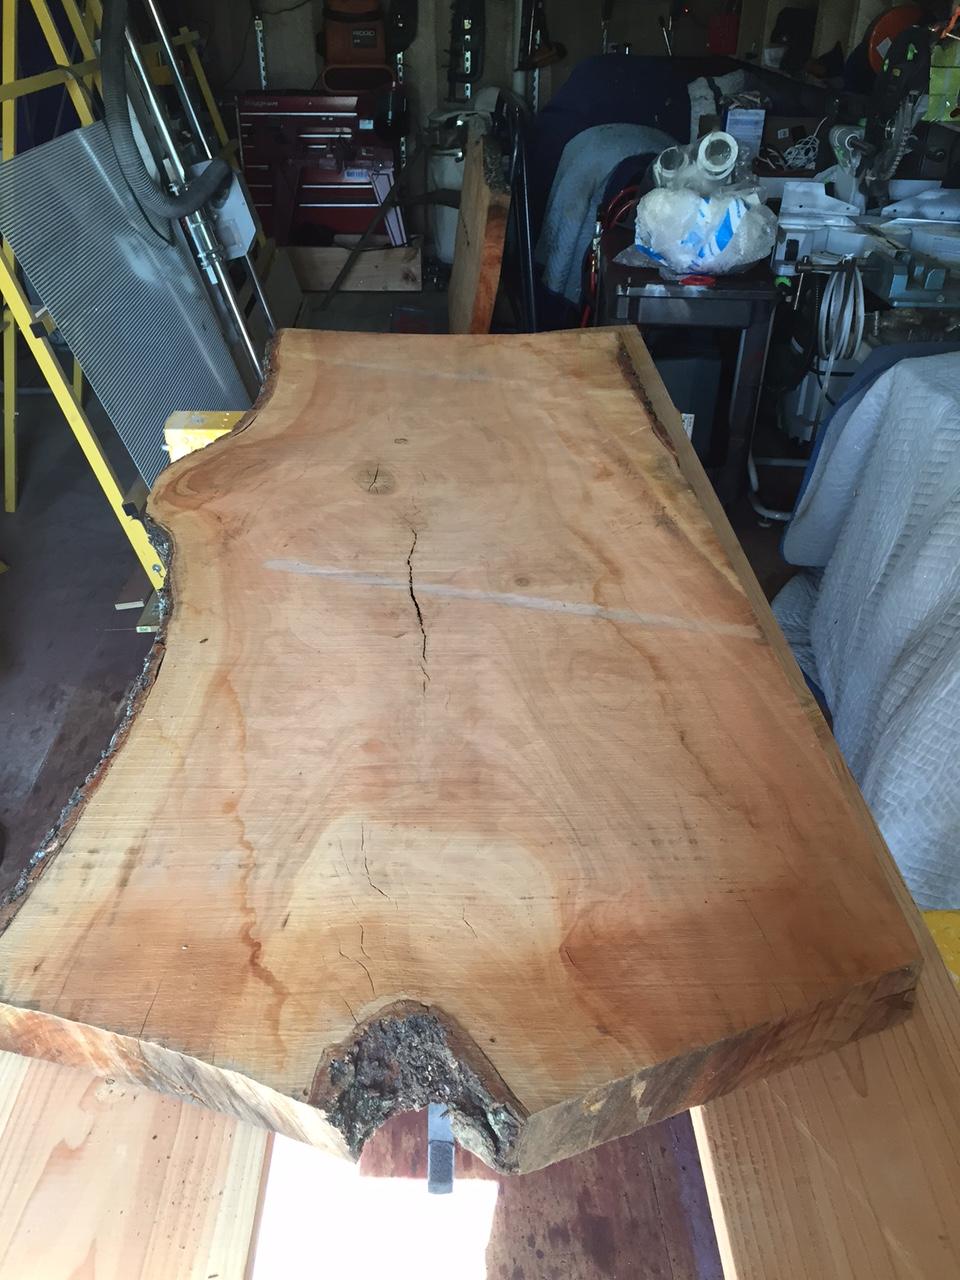 Preparing the slabs...